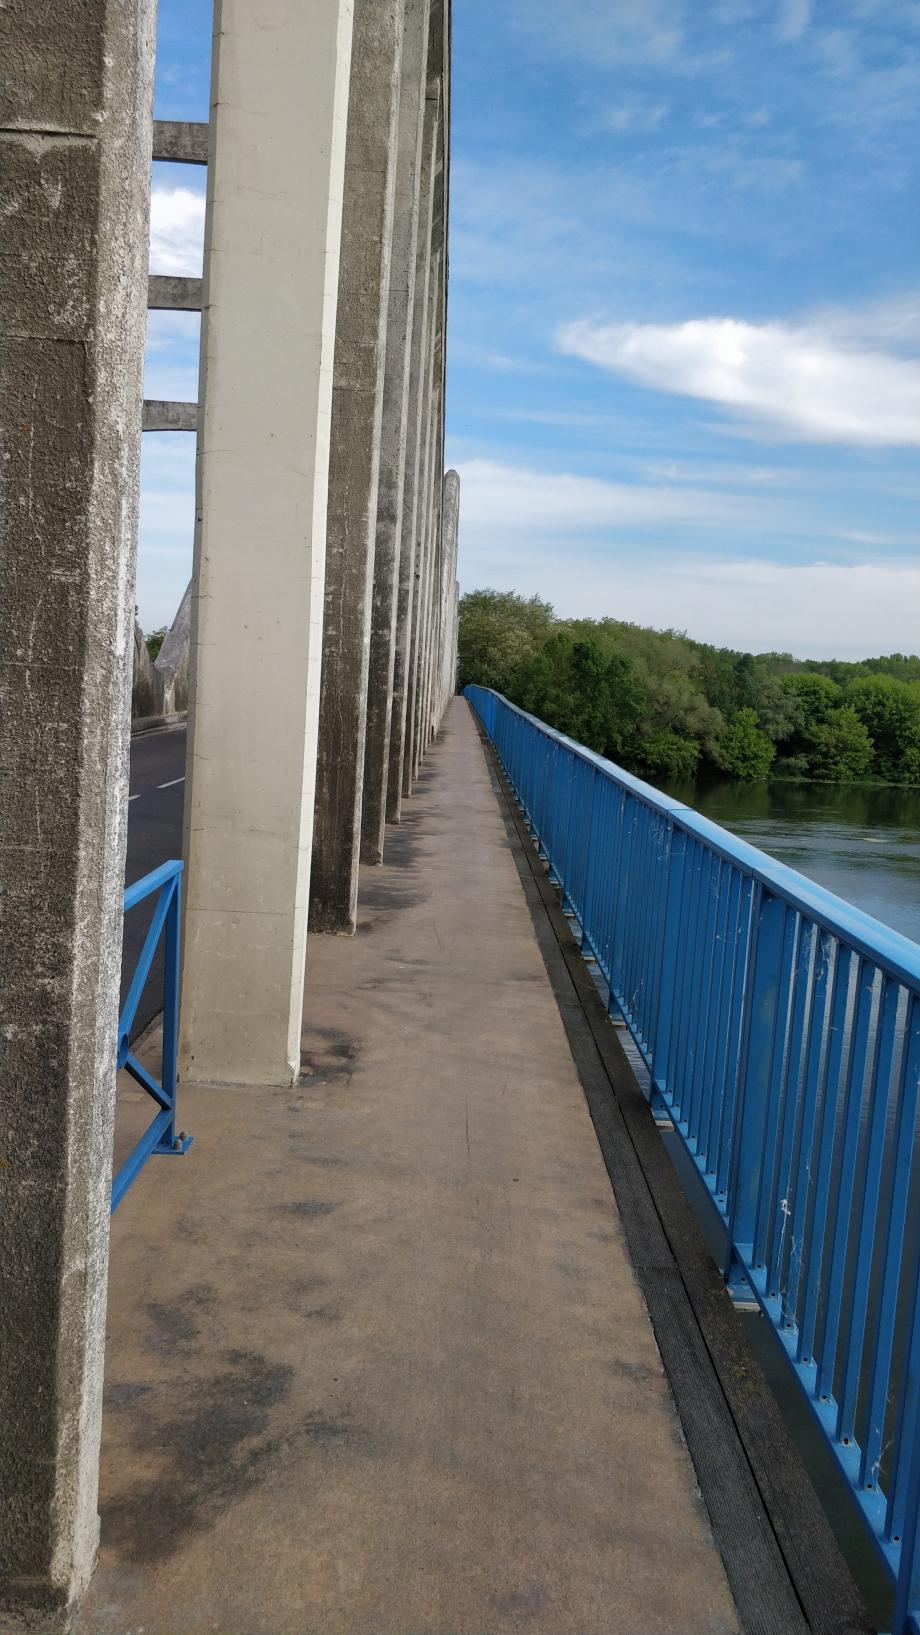 Passage d'un pont sur la Loire, avec piste séparée pour les vélos.